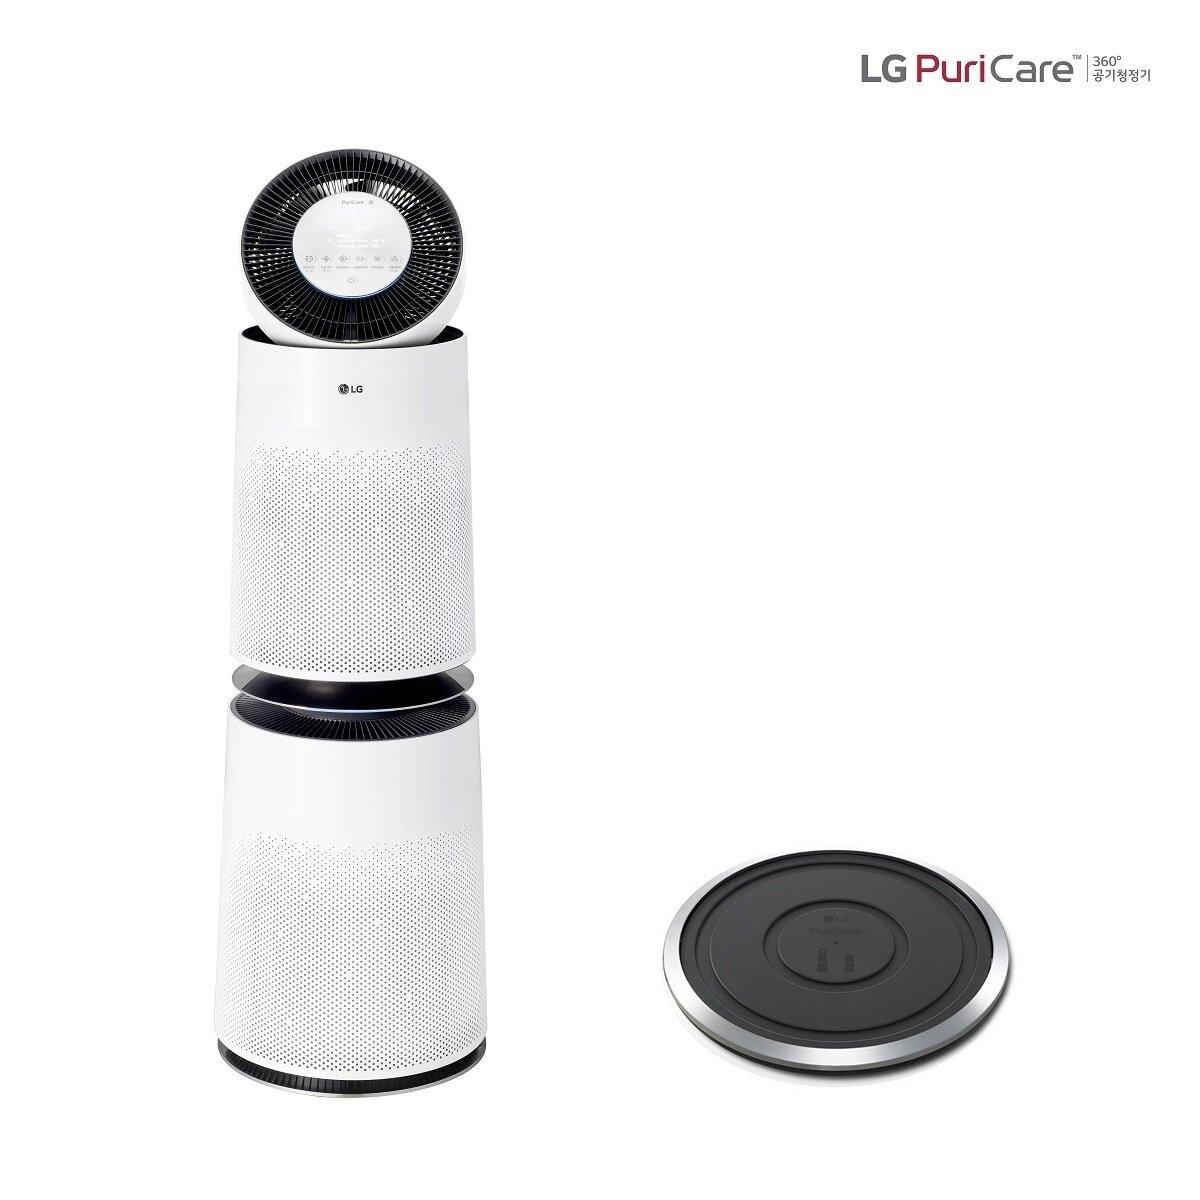 [신세계TV쇼핑][LG](+정품 무빙휠) 퓨리케어 360 공기청정기 듀얼 AS280DWFC (91제곱미터/H13헤파필터)